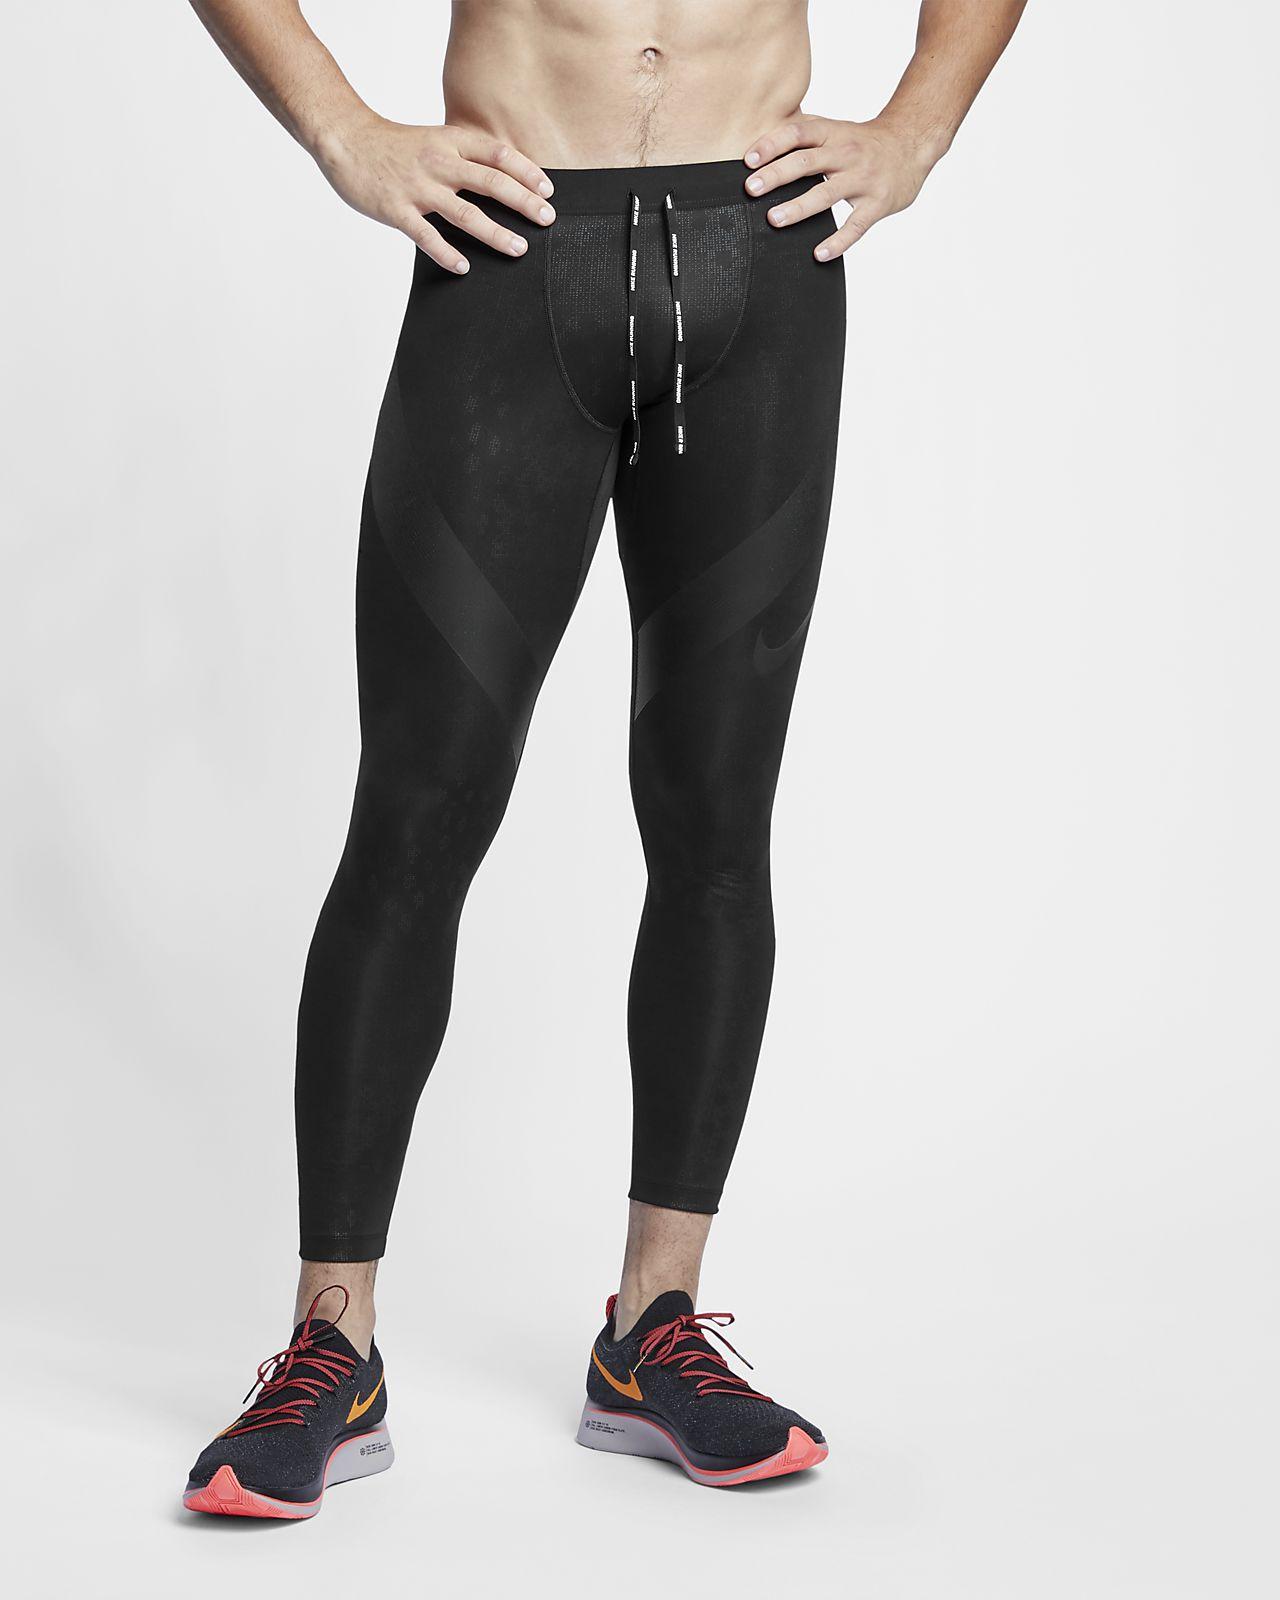 Collant de running Nike Power Tech pour Homme